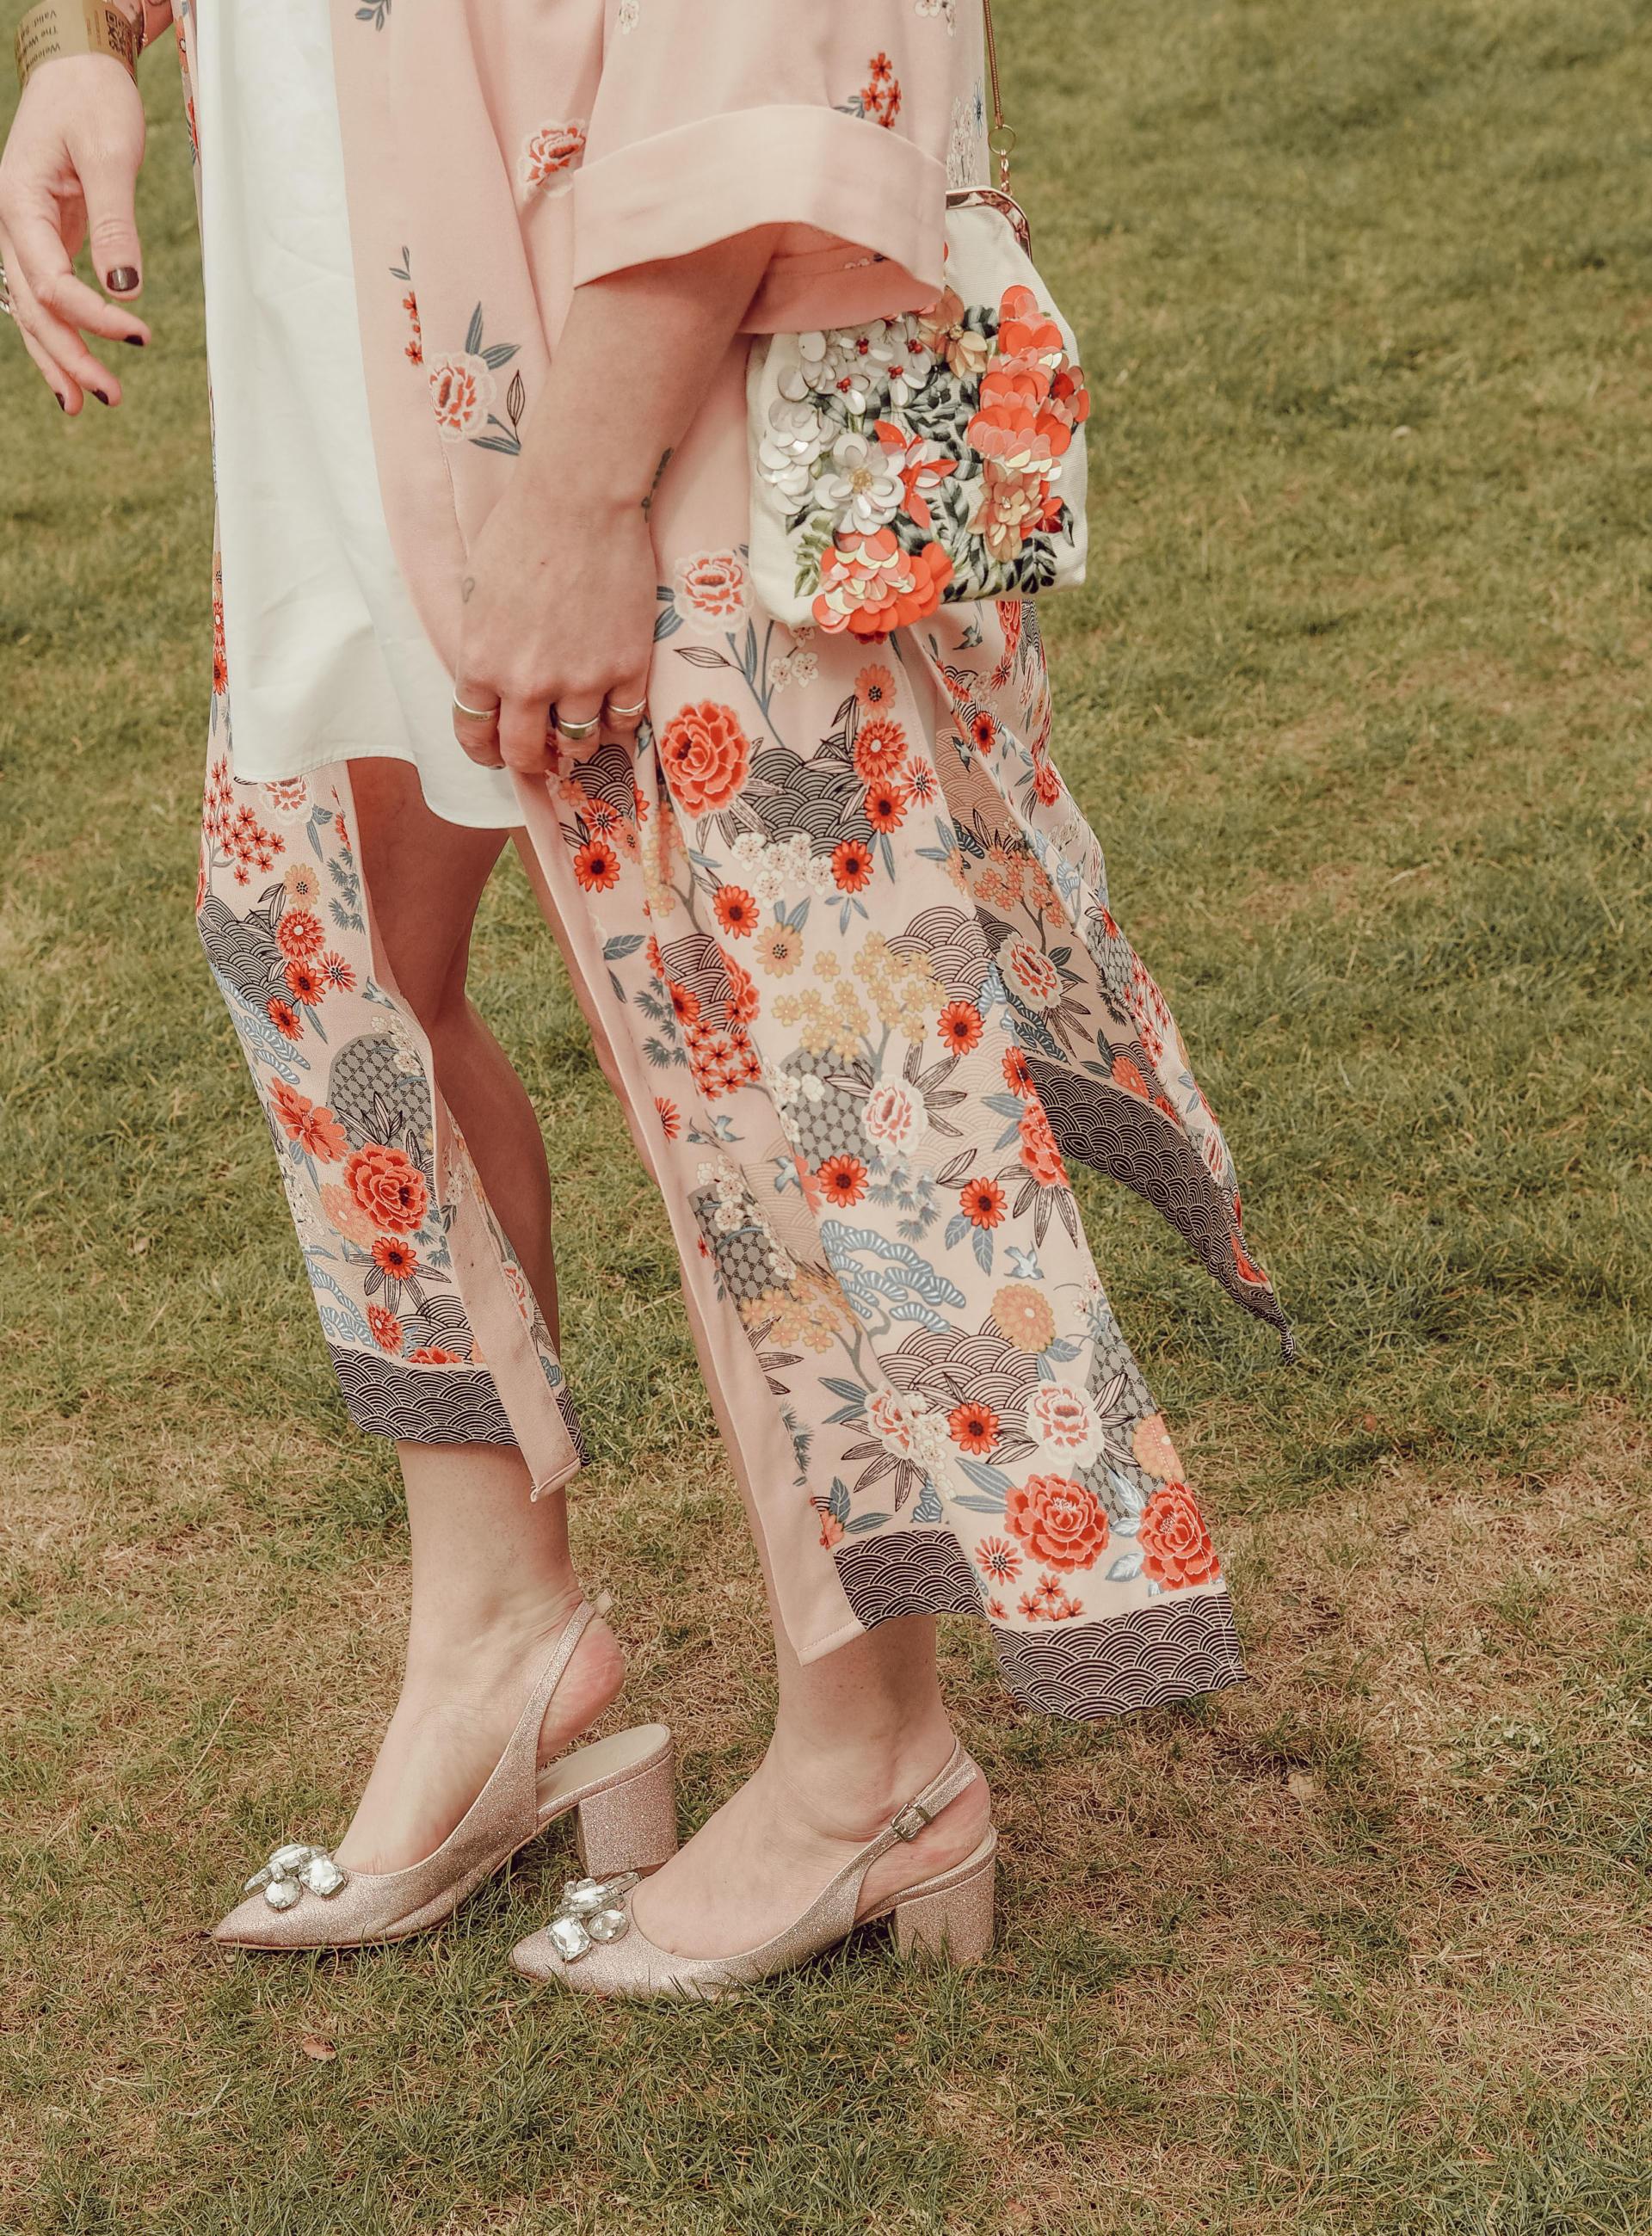 A fun, vintage wedding affair